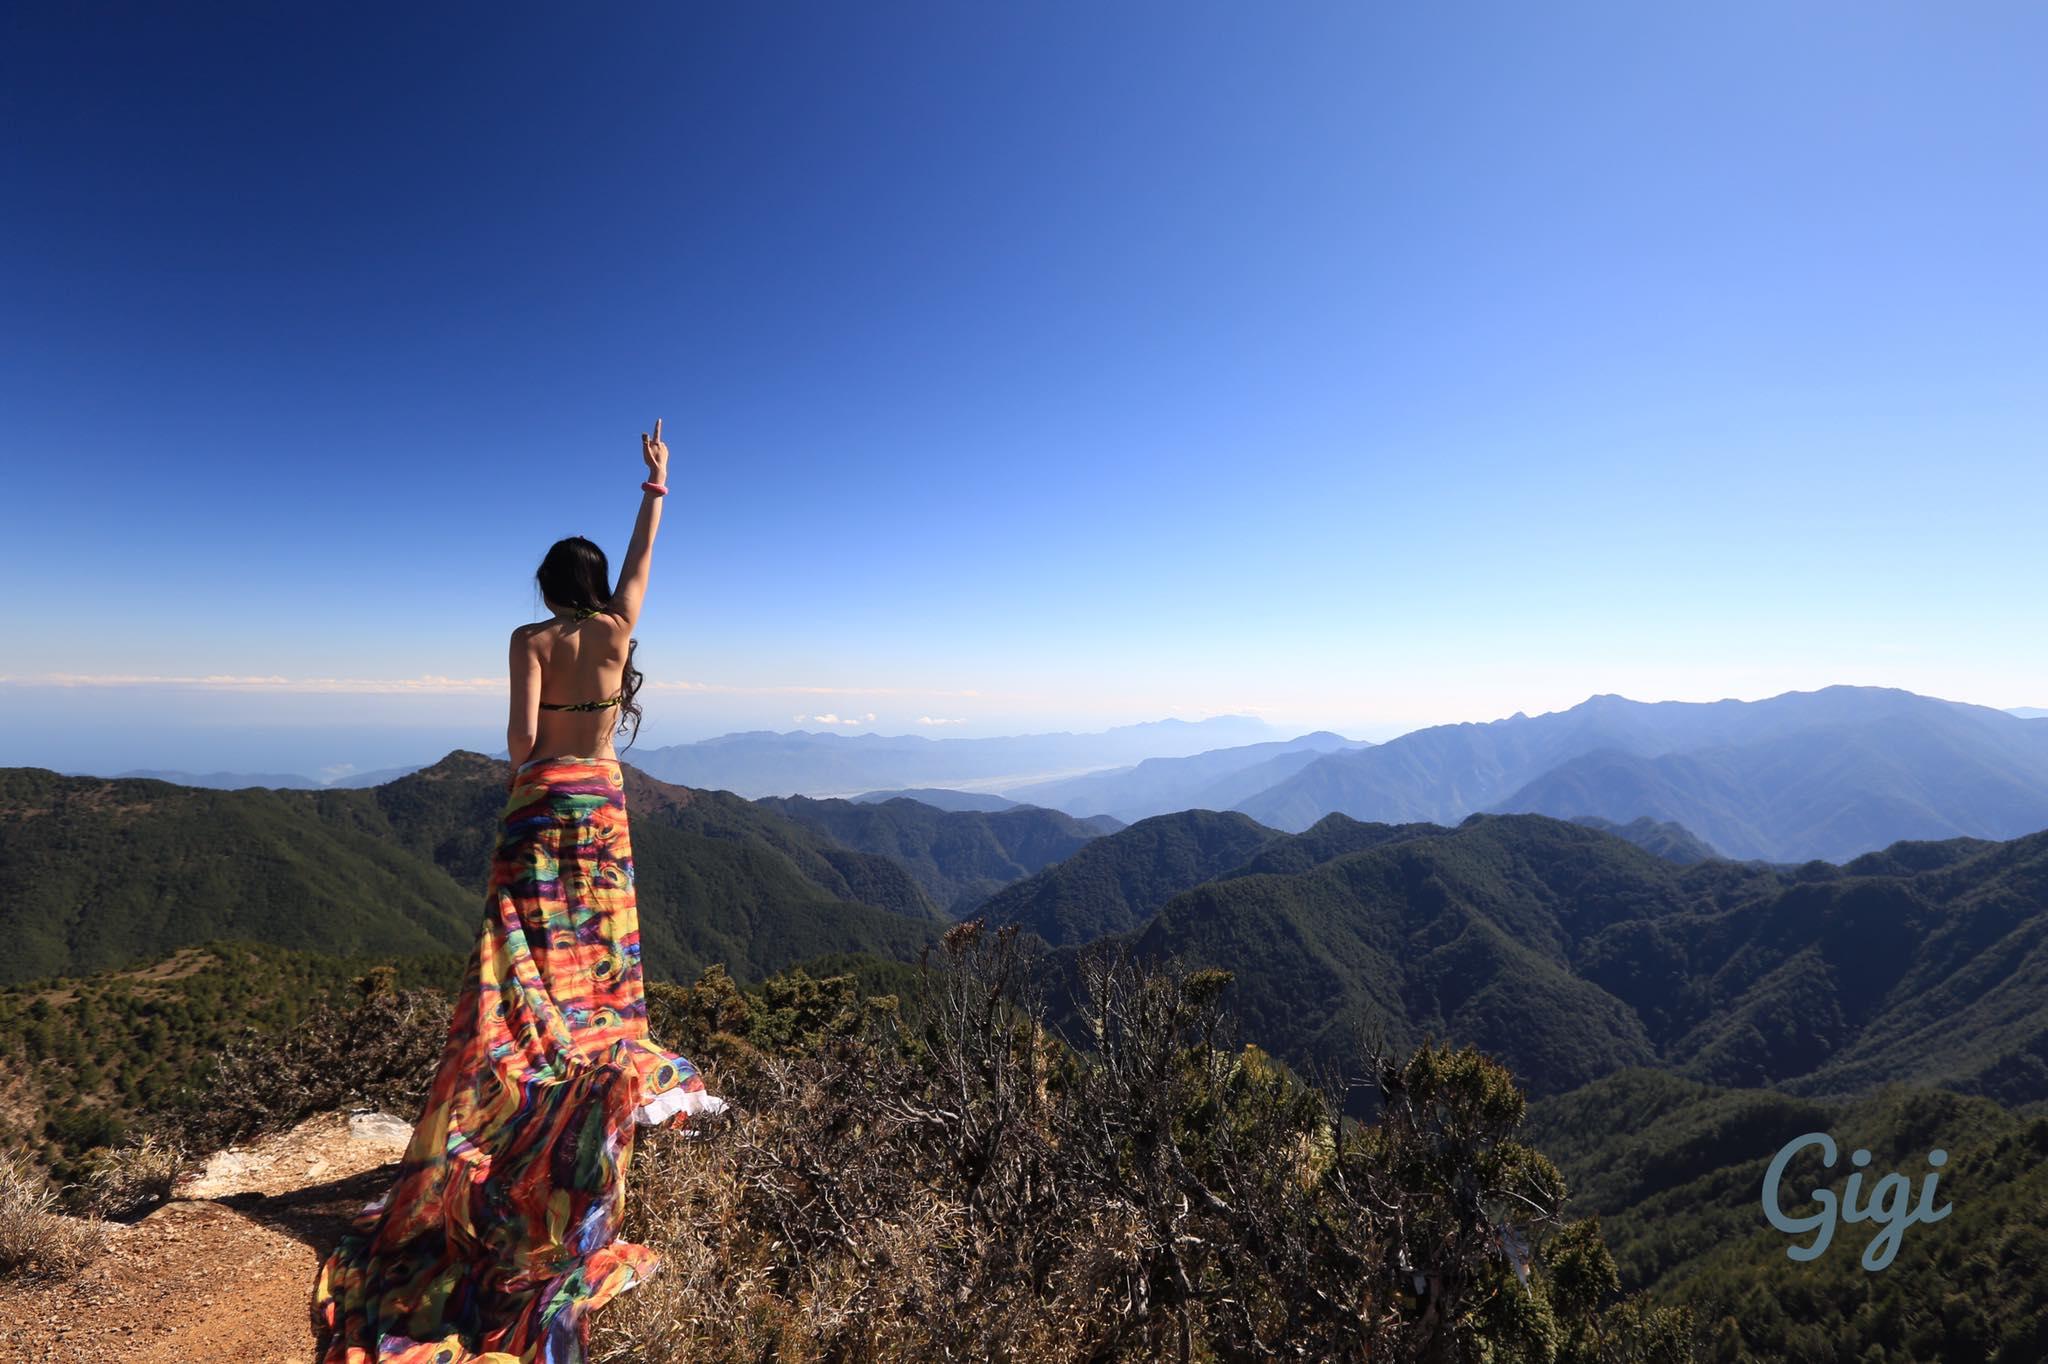 36 वर्षीय गिगीने आतापर्यंत अनेक पर्वत सर केले होते. कित्येक वेळा ती जखमीही झाली होती.